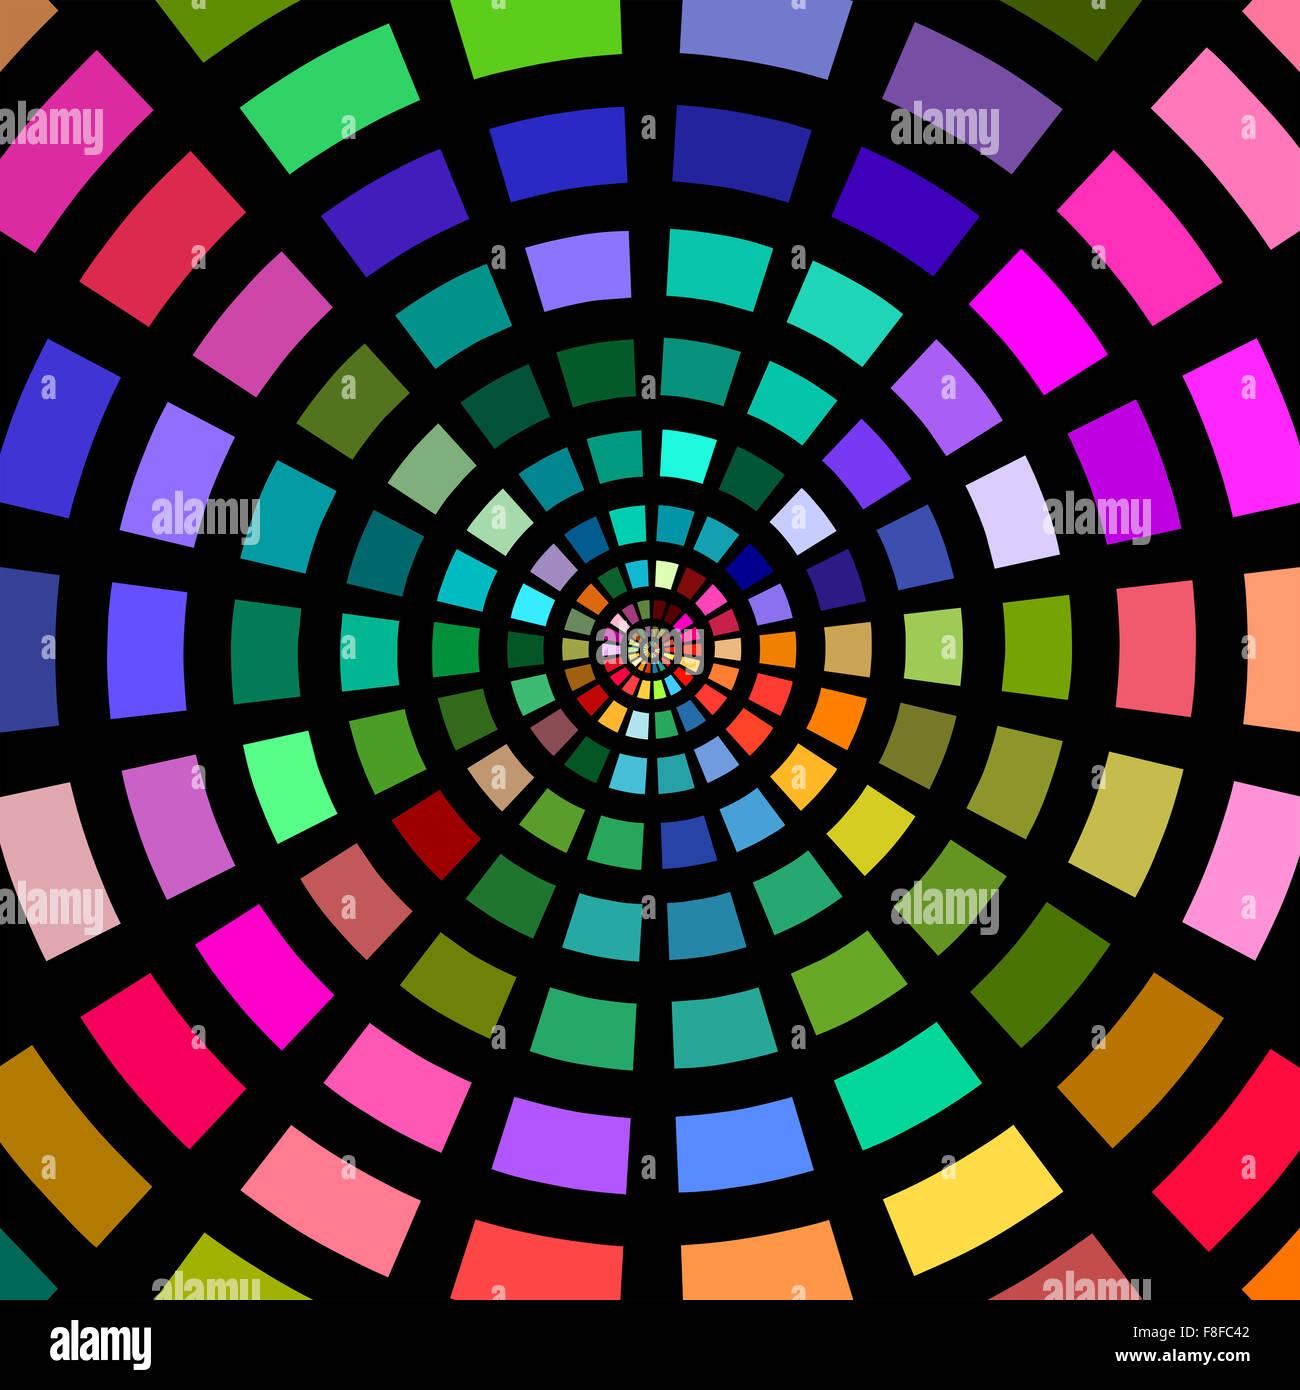 Cercles de blocs multicolores sur fond noir. Photo Stock